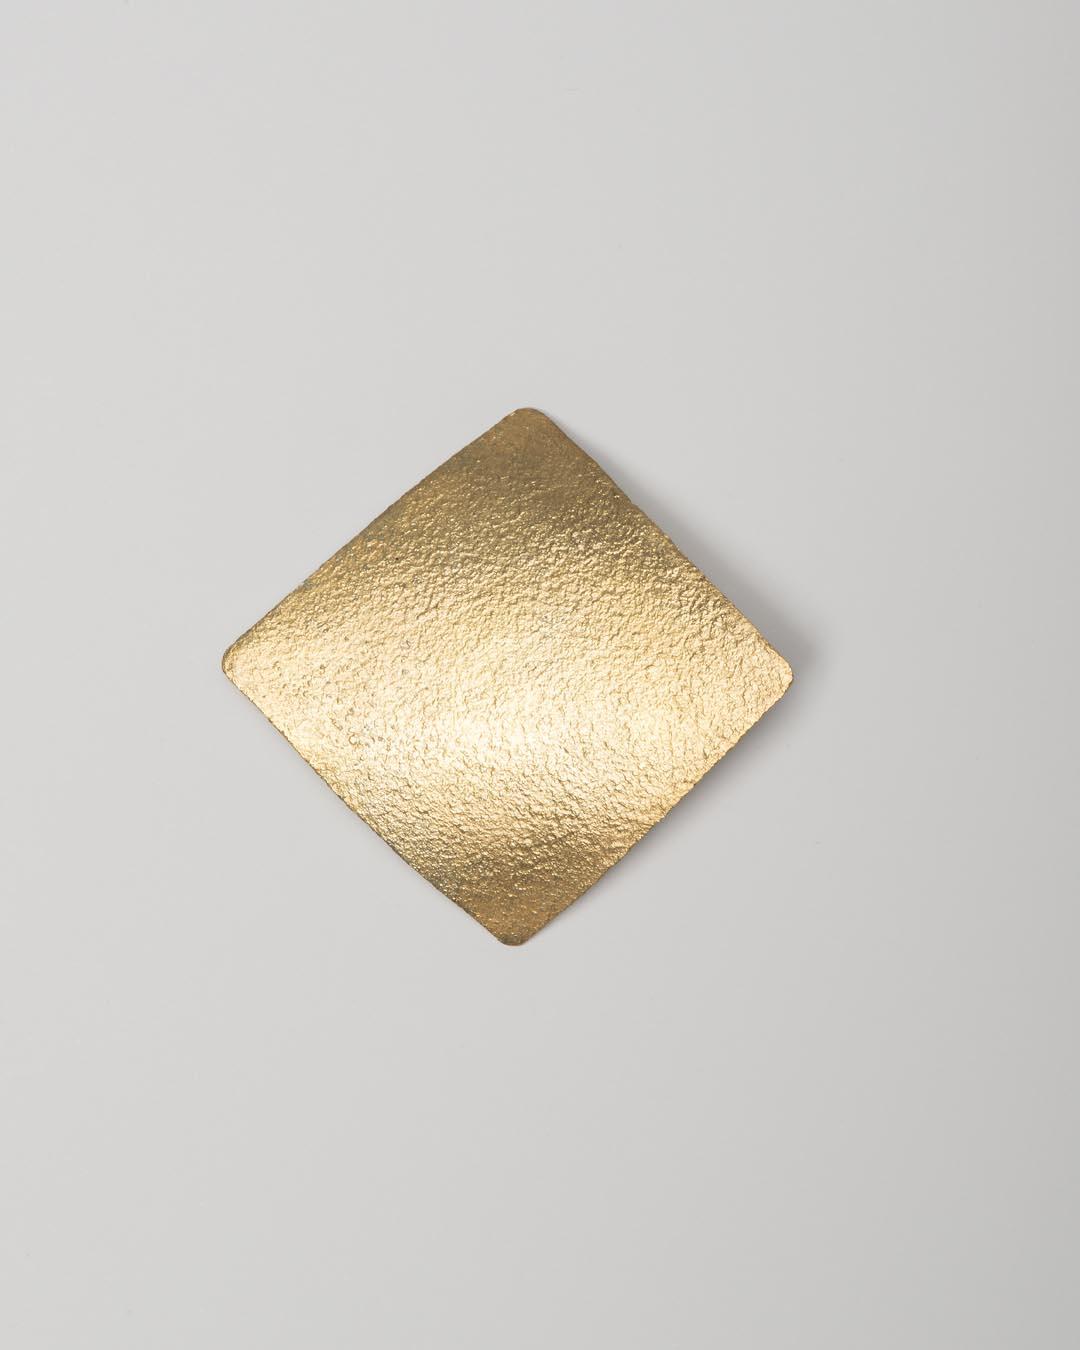 Yasuki Hiramatsu, untitled, brooch; gold-plated silver, 64 x 60 x 11 mm, €750